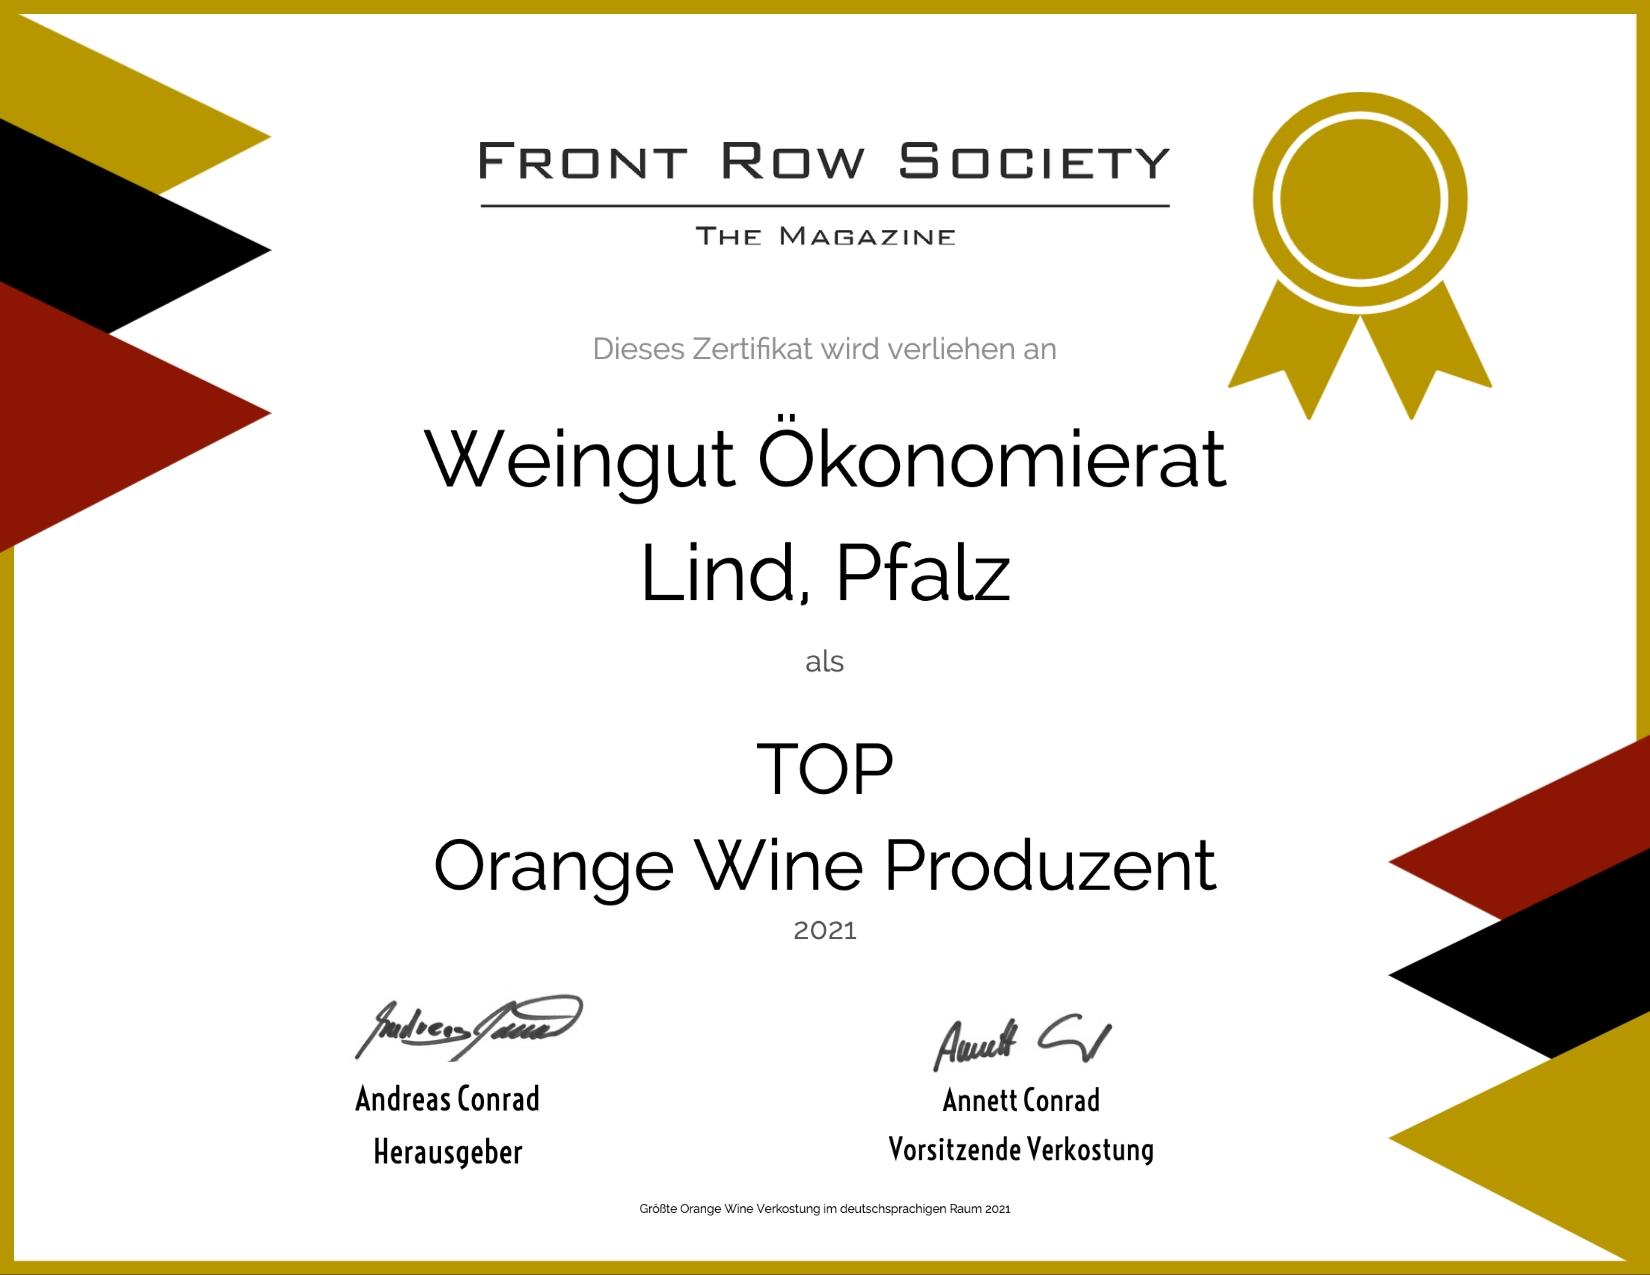 Front Row Society - Top Orange Wine Produzent